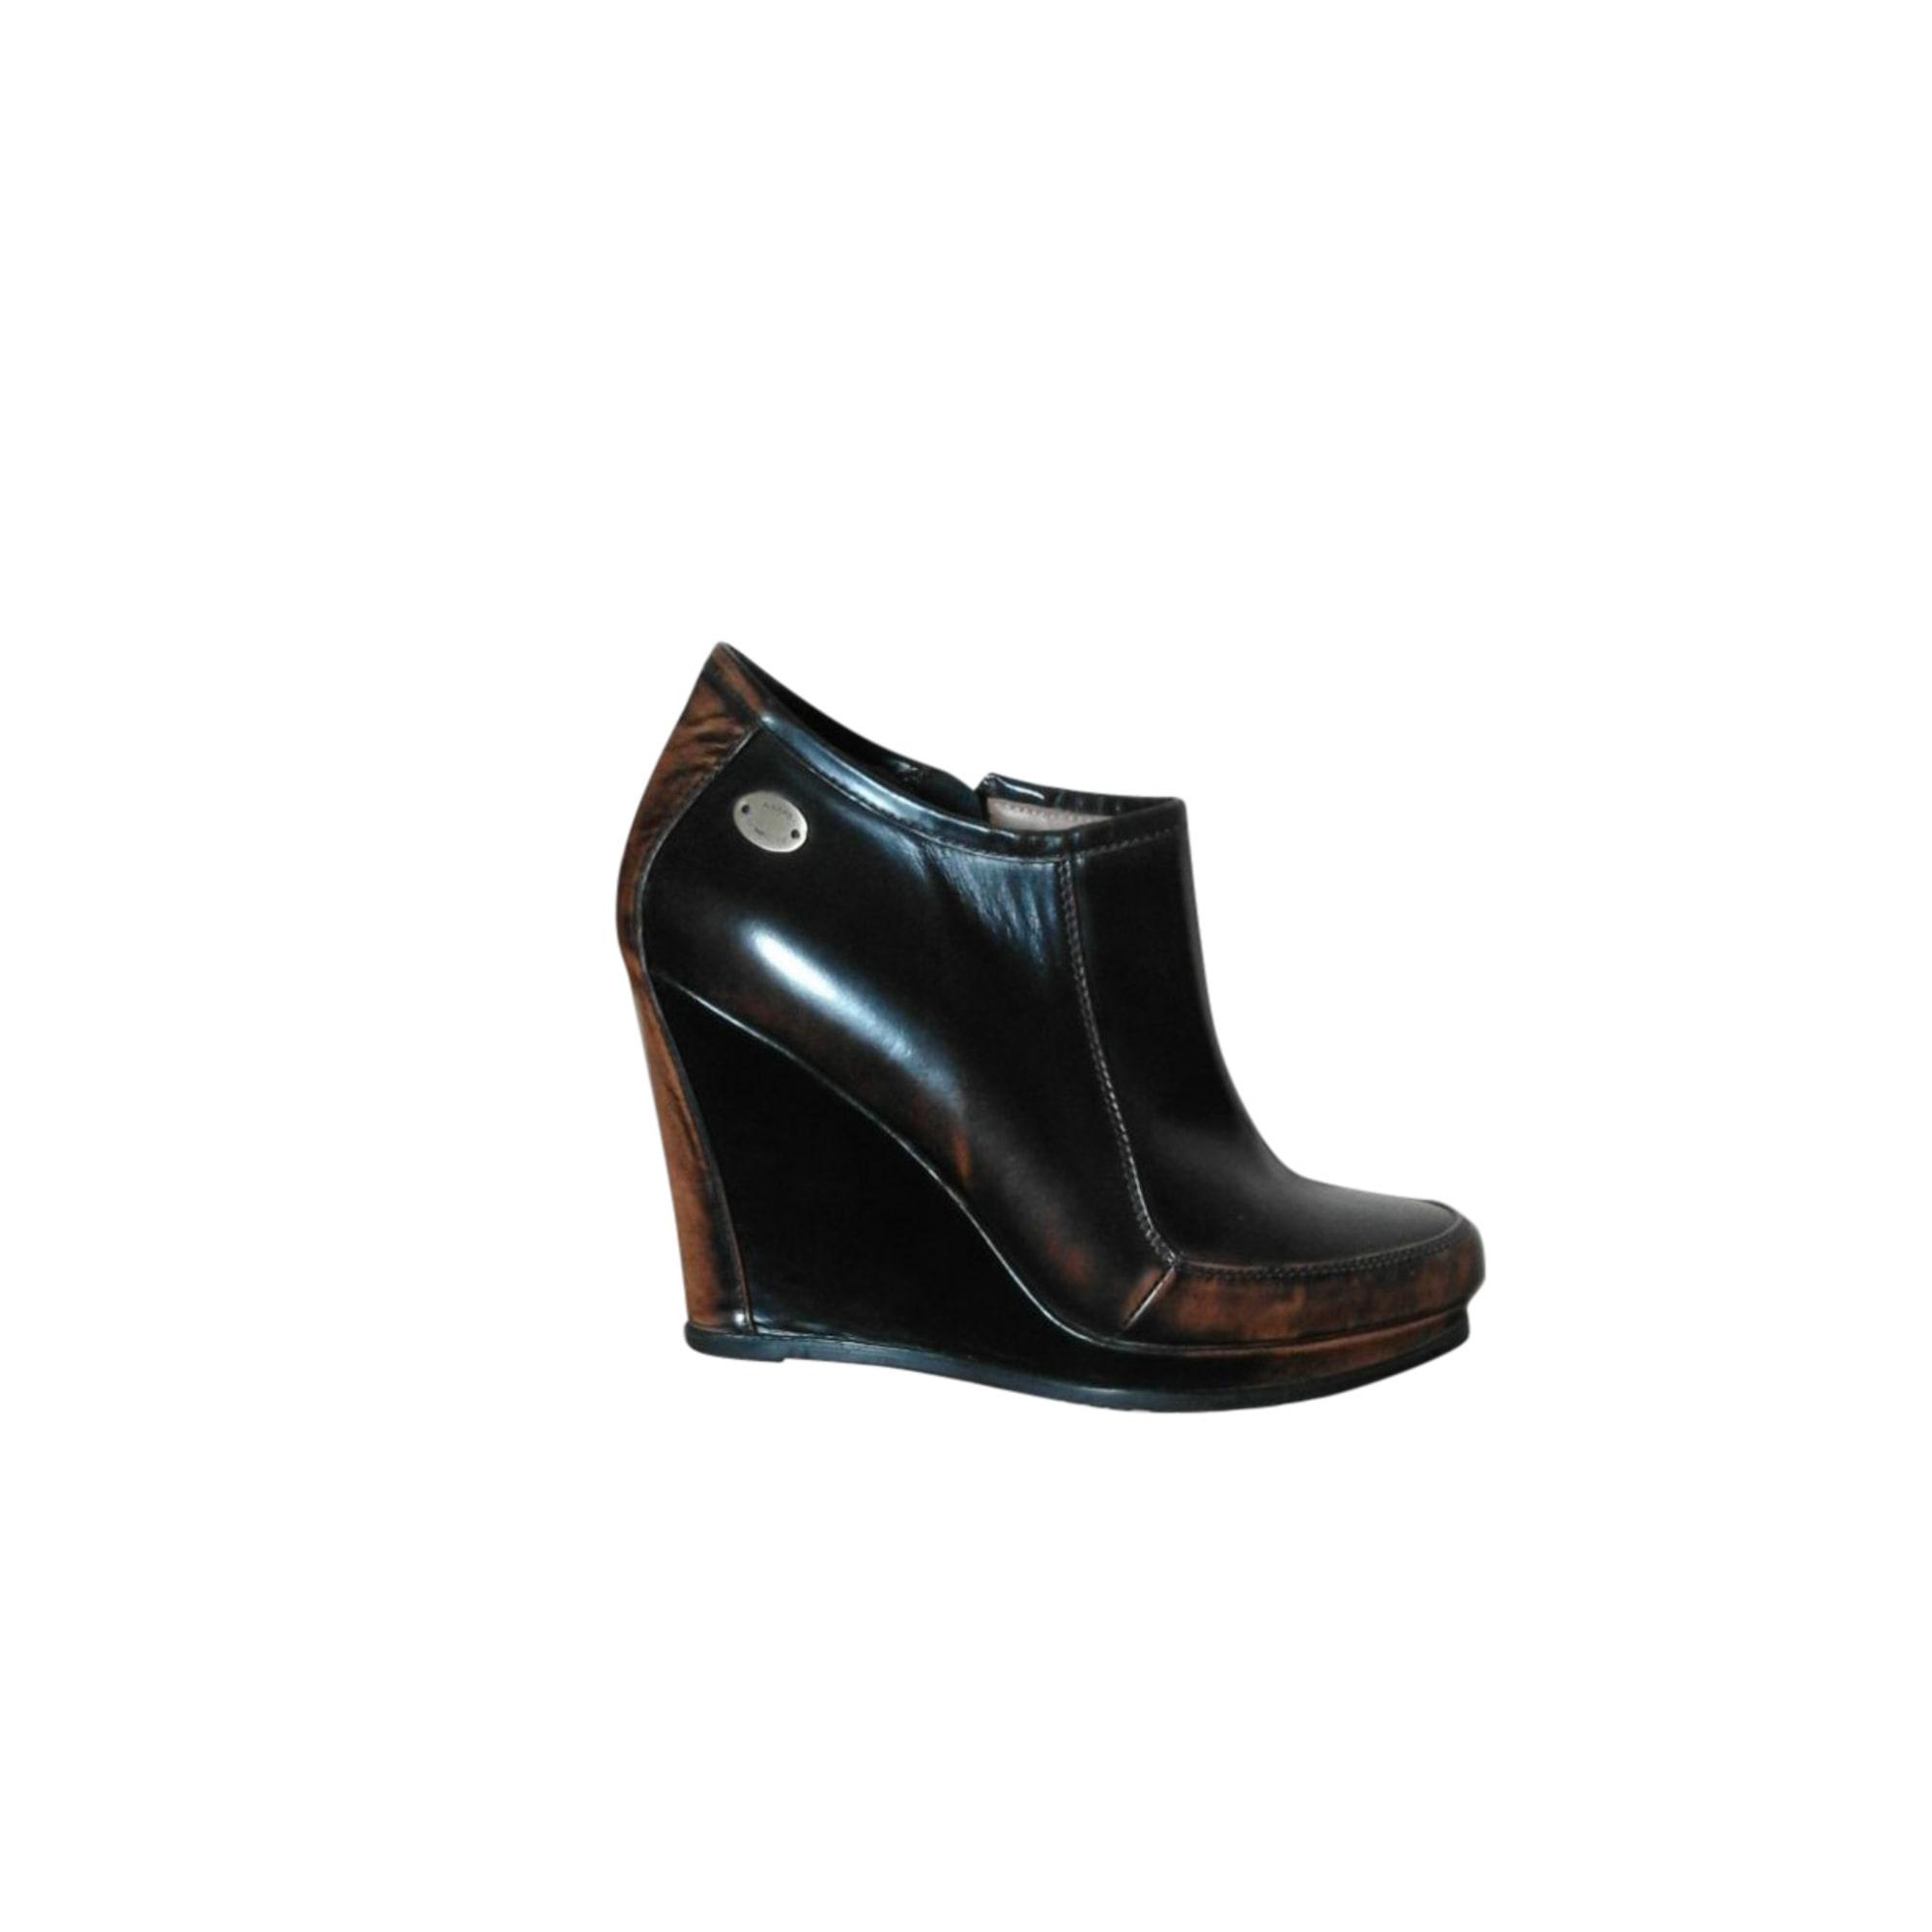 boots à compensés Bottineslow Bottineslow à Bottineslow Bottineslow boots compensés compensés à à boots boots eIW9bEYDH2